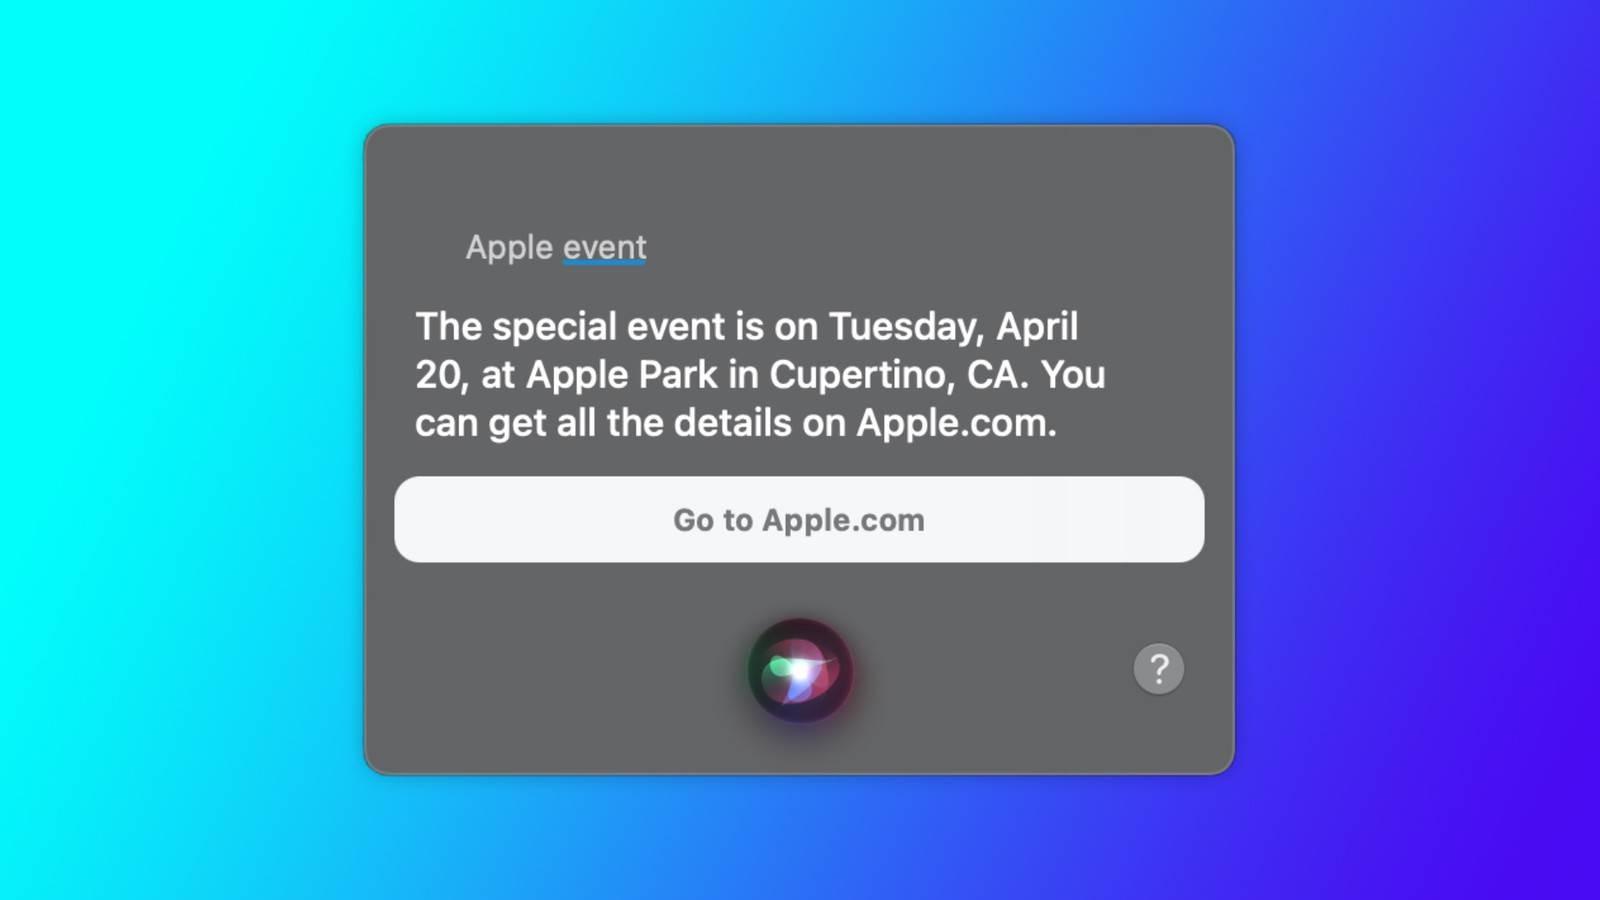 Siri zdradziła datę wiosennej konferencji Apple polecane, ciekawostki wiosenna prezentacja Apple, Siri, konferencja Apple, 2021  Czekacie na wiosenną prezentację Apple? Jeśli tak to mamy dobre wieści. Siri zdradziła datę konferencji na której zobaczymy nowe iPady Pro, AirTag i inne produkty giganta z Cupertino. siir apple event april 20